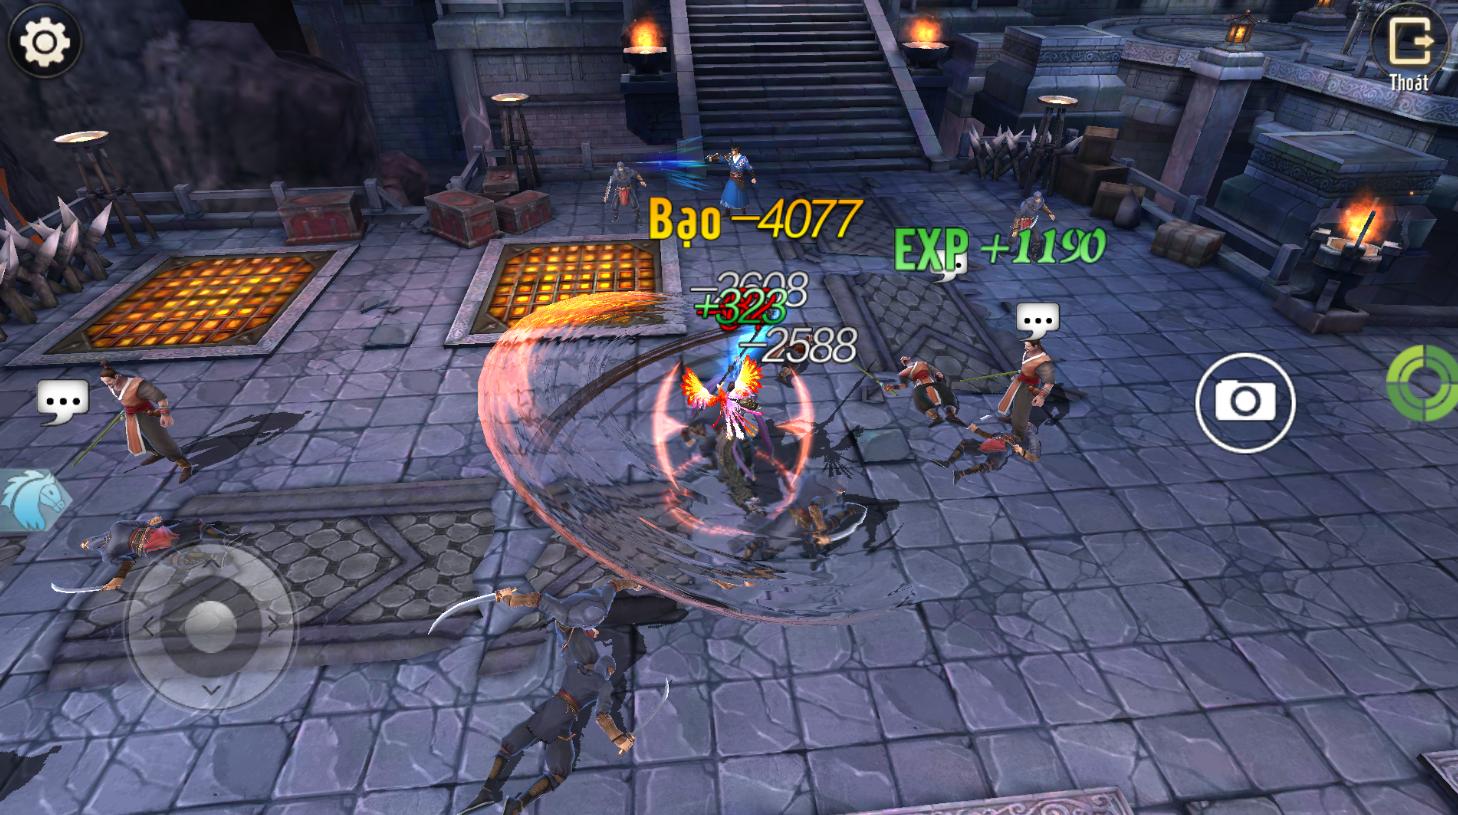 """Cẩm Y Vệ: Mẹo """"hack"""" exp ầm ầm cho các game thủ dưới level 120 - Ảnh 3."""